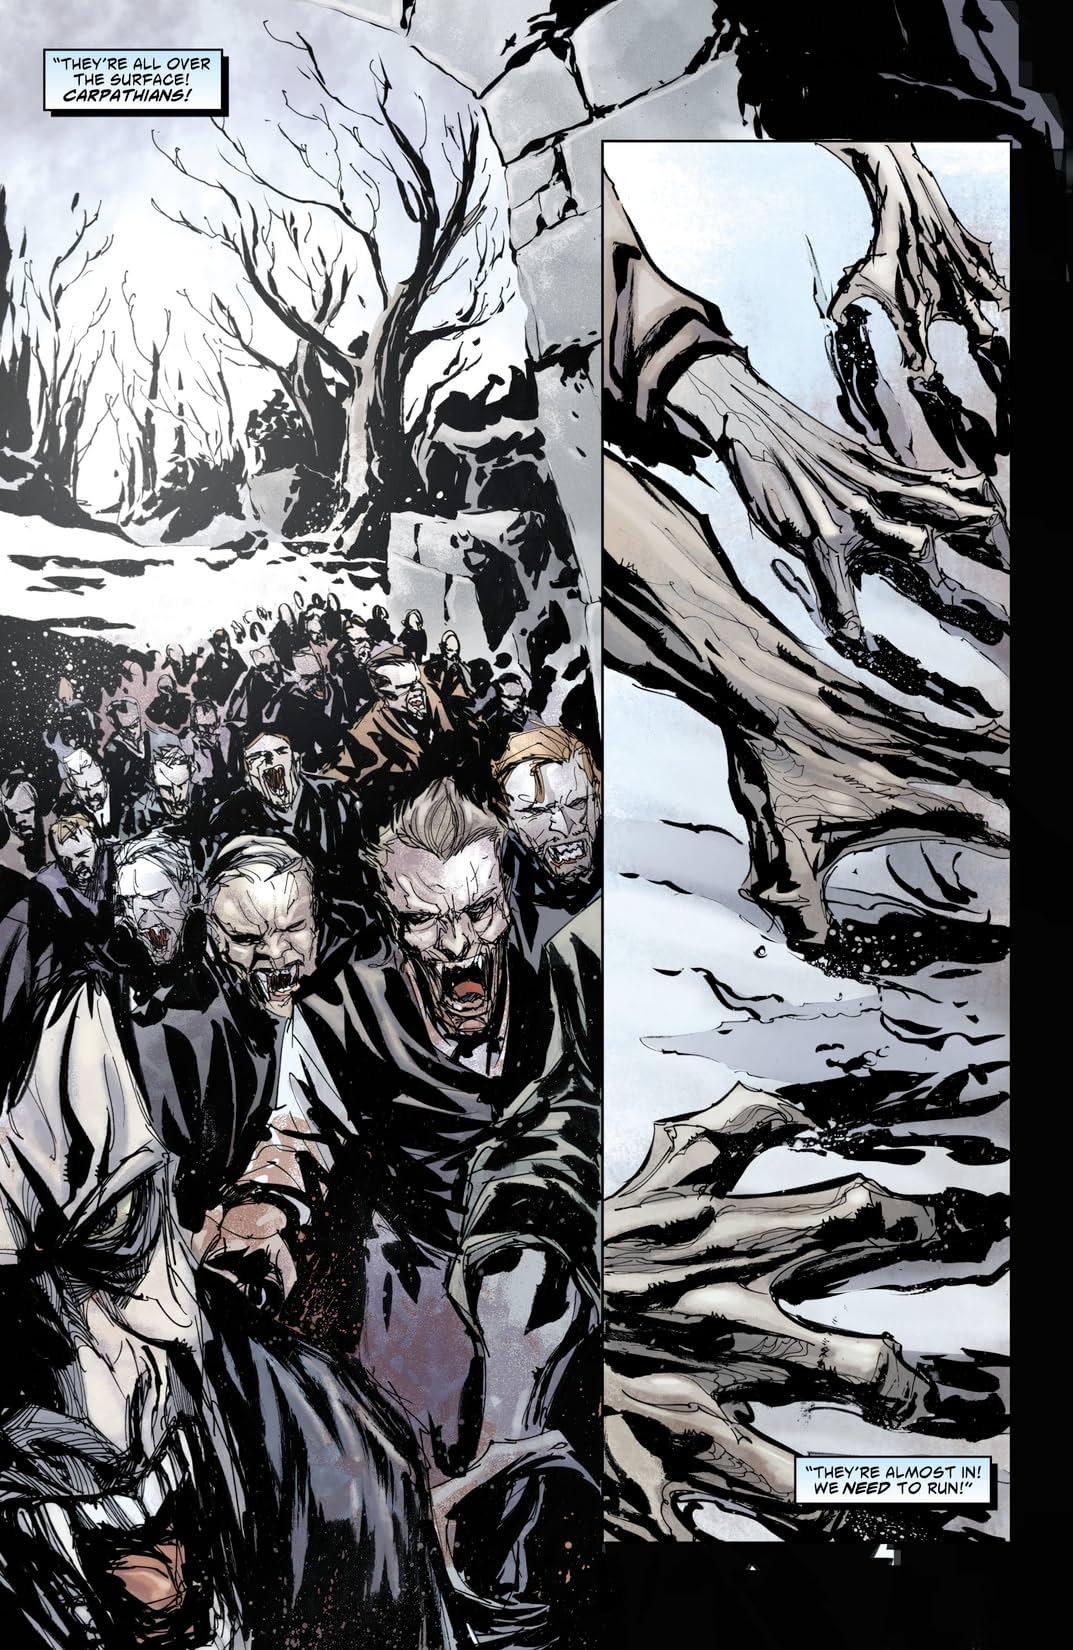 American Vampire: Lord of Nightmares #4 (of 5)